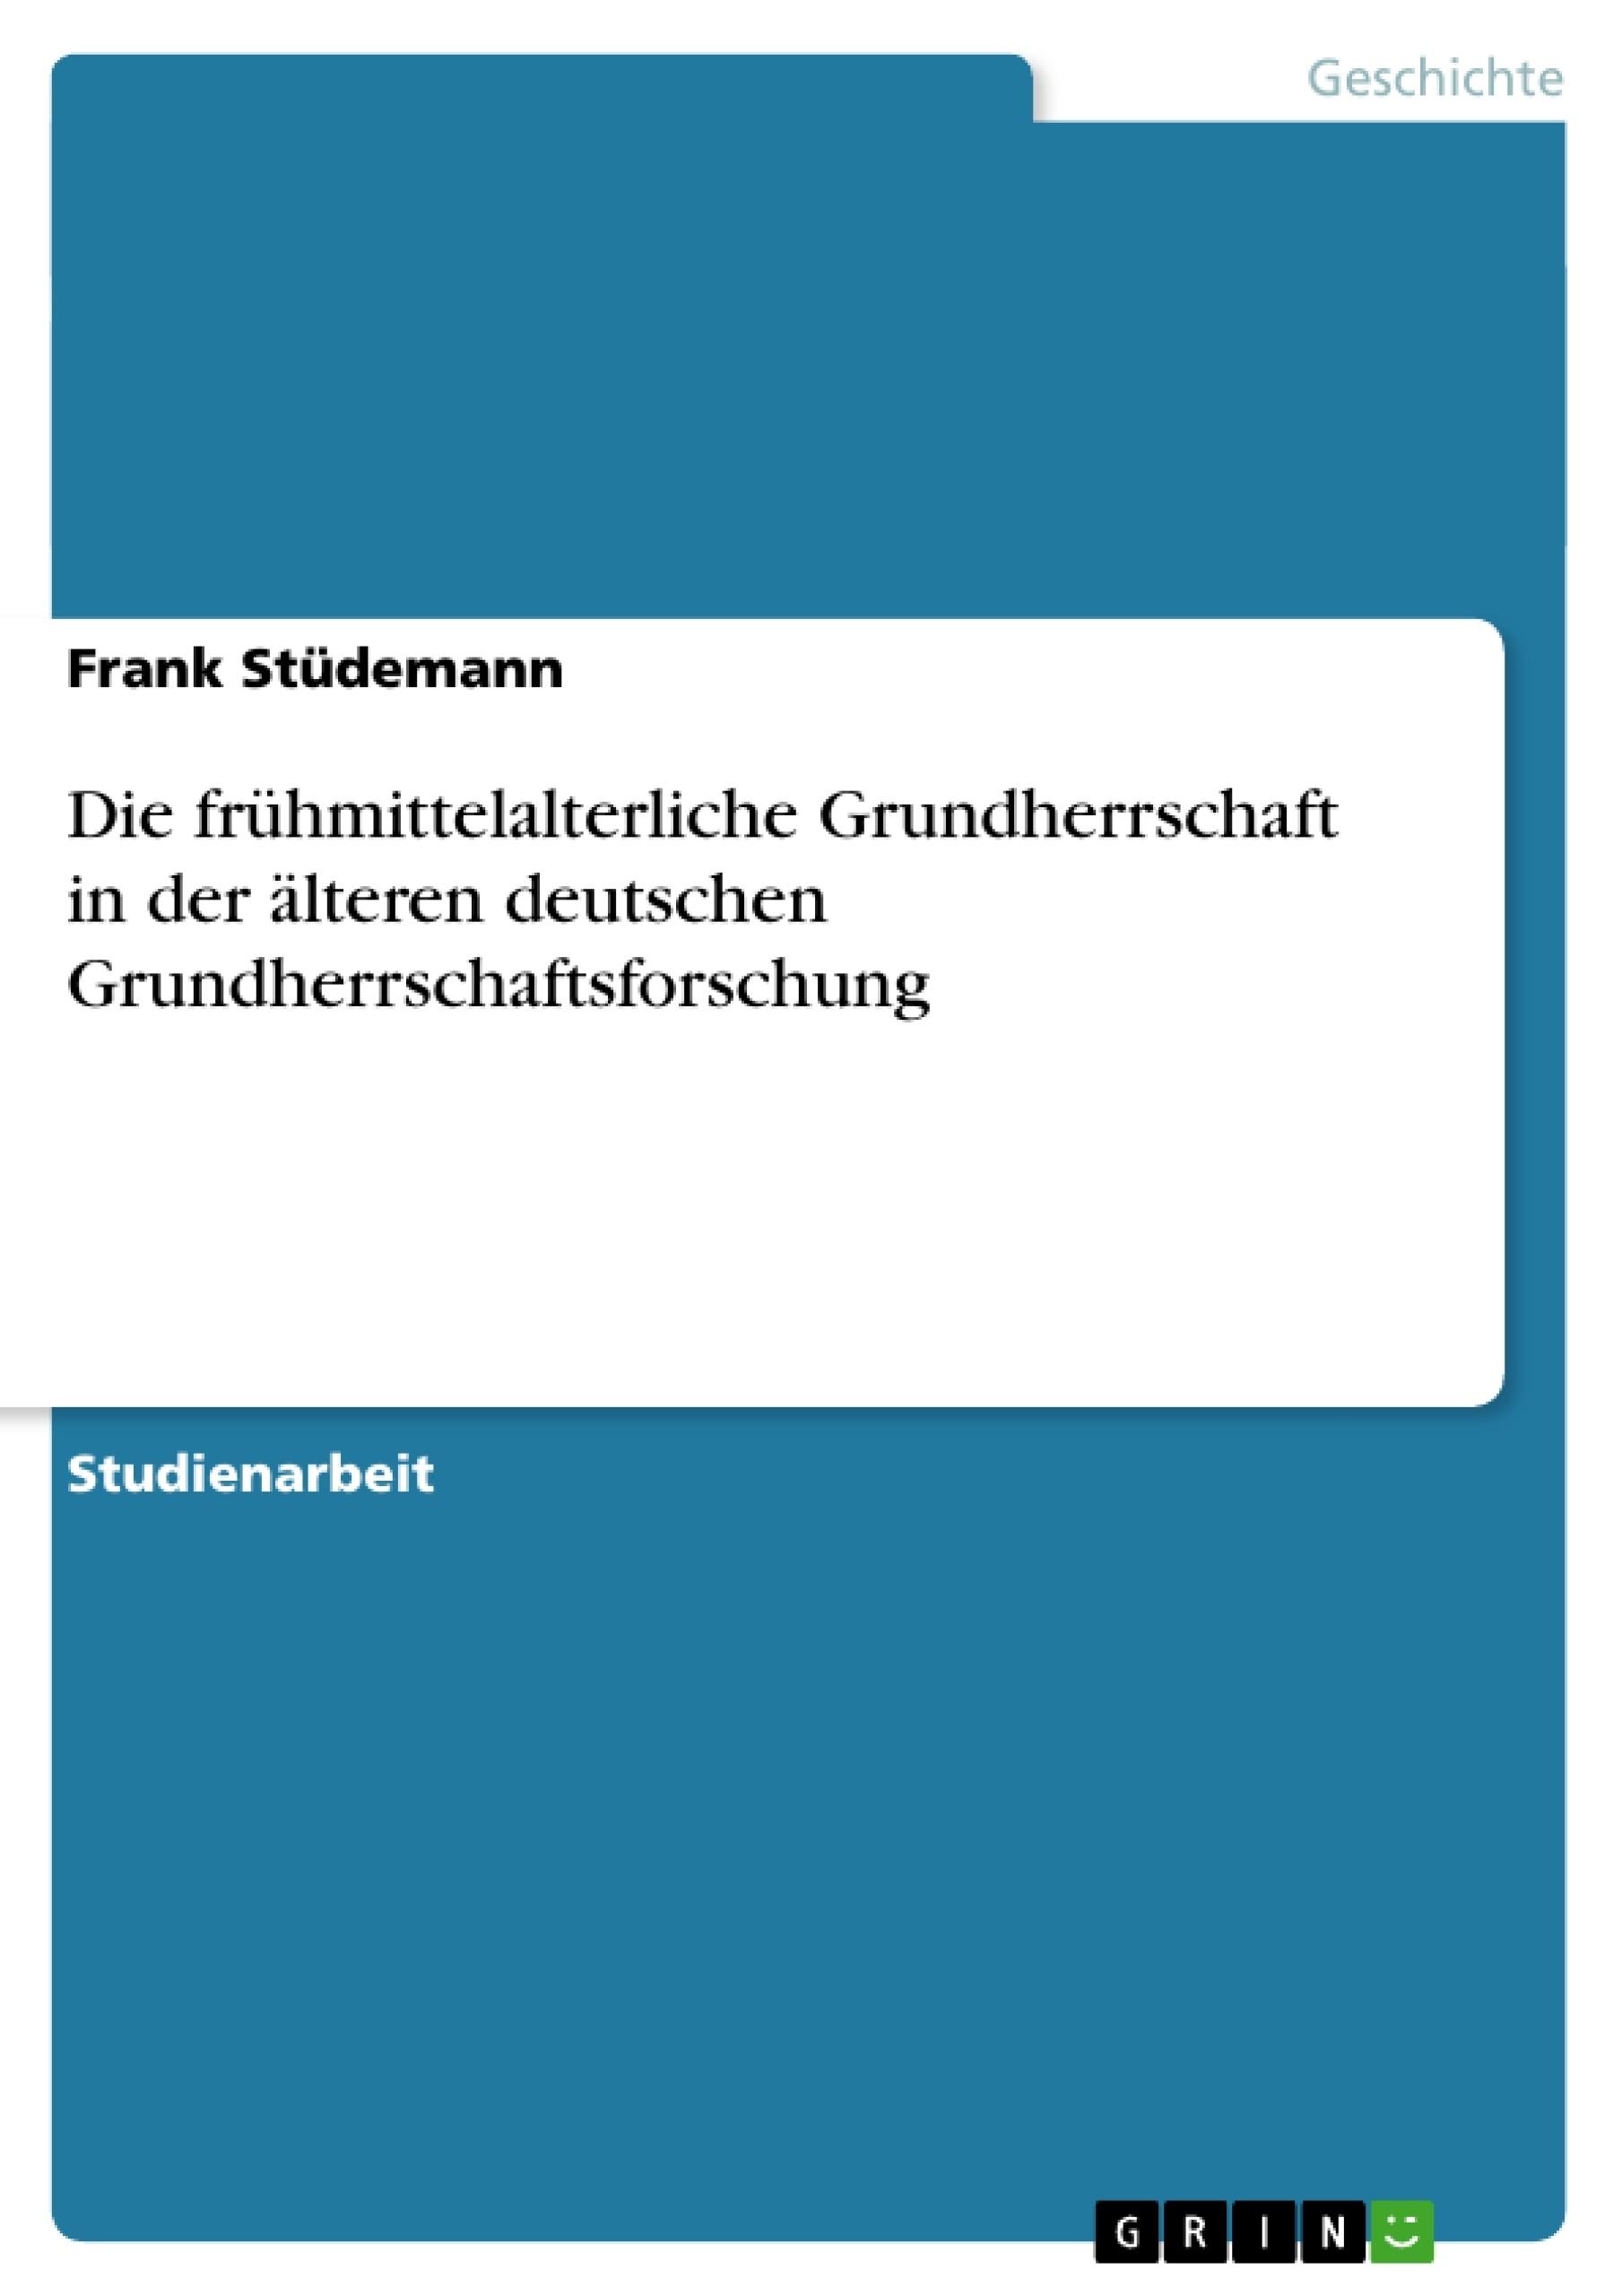 Titel: Die frühmittelalterliche Grundherrschaft in der älteren deutschen Grundherrschaftsforschung